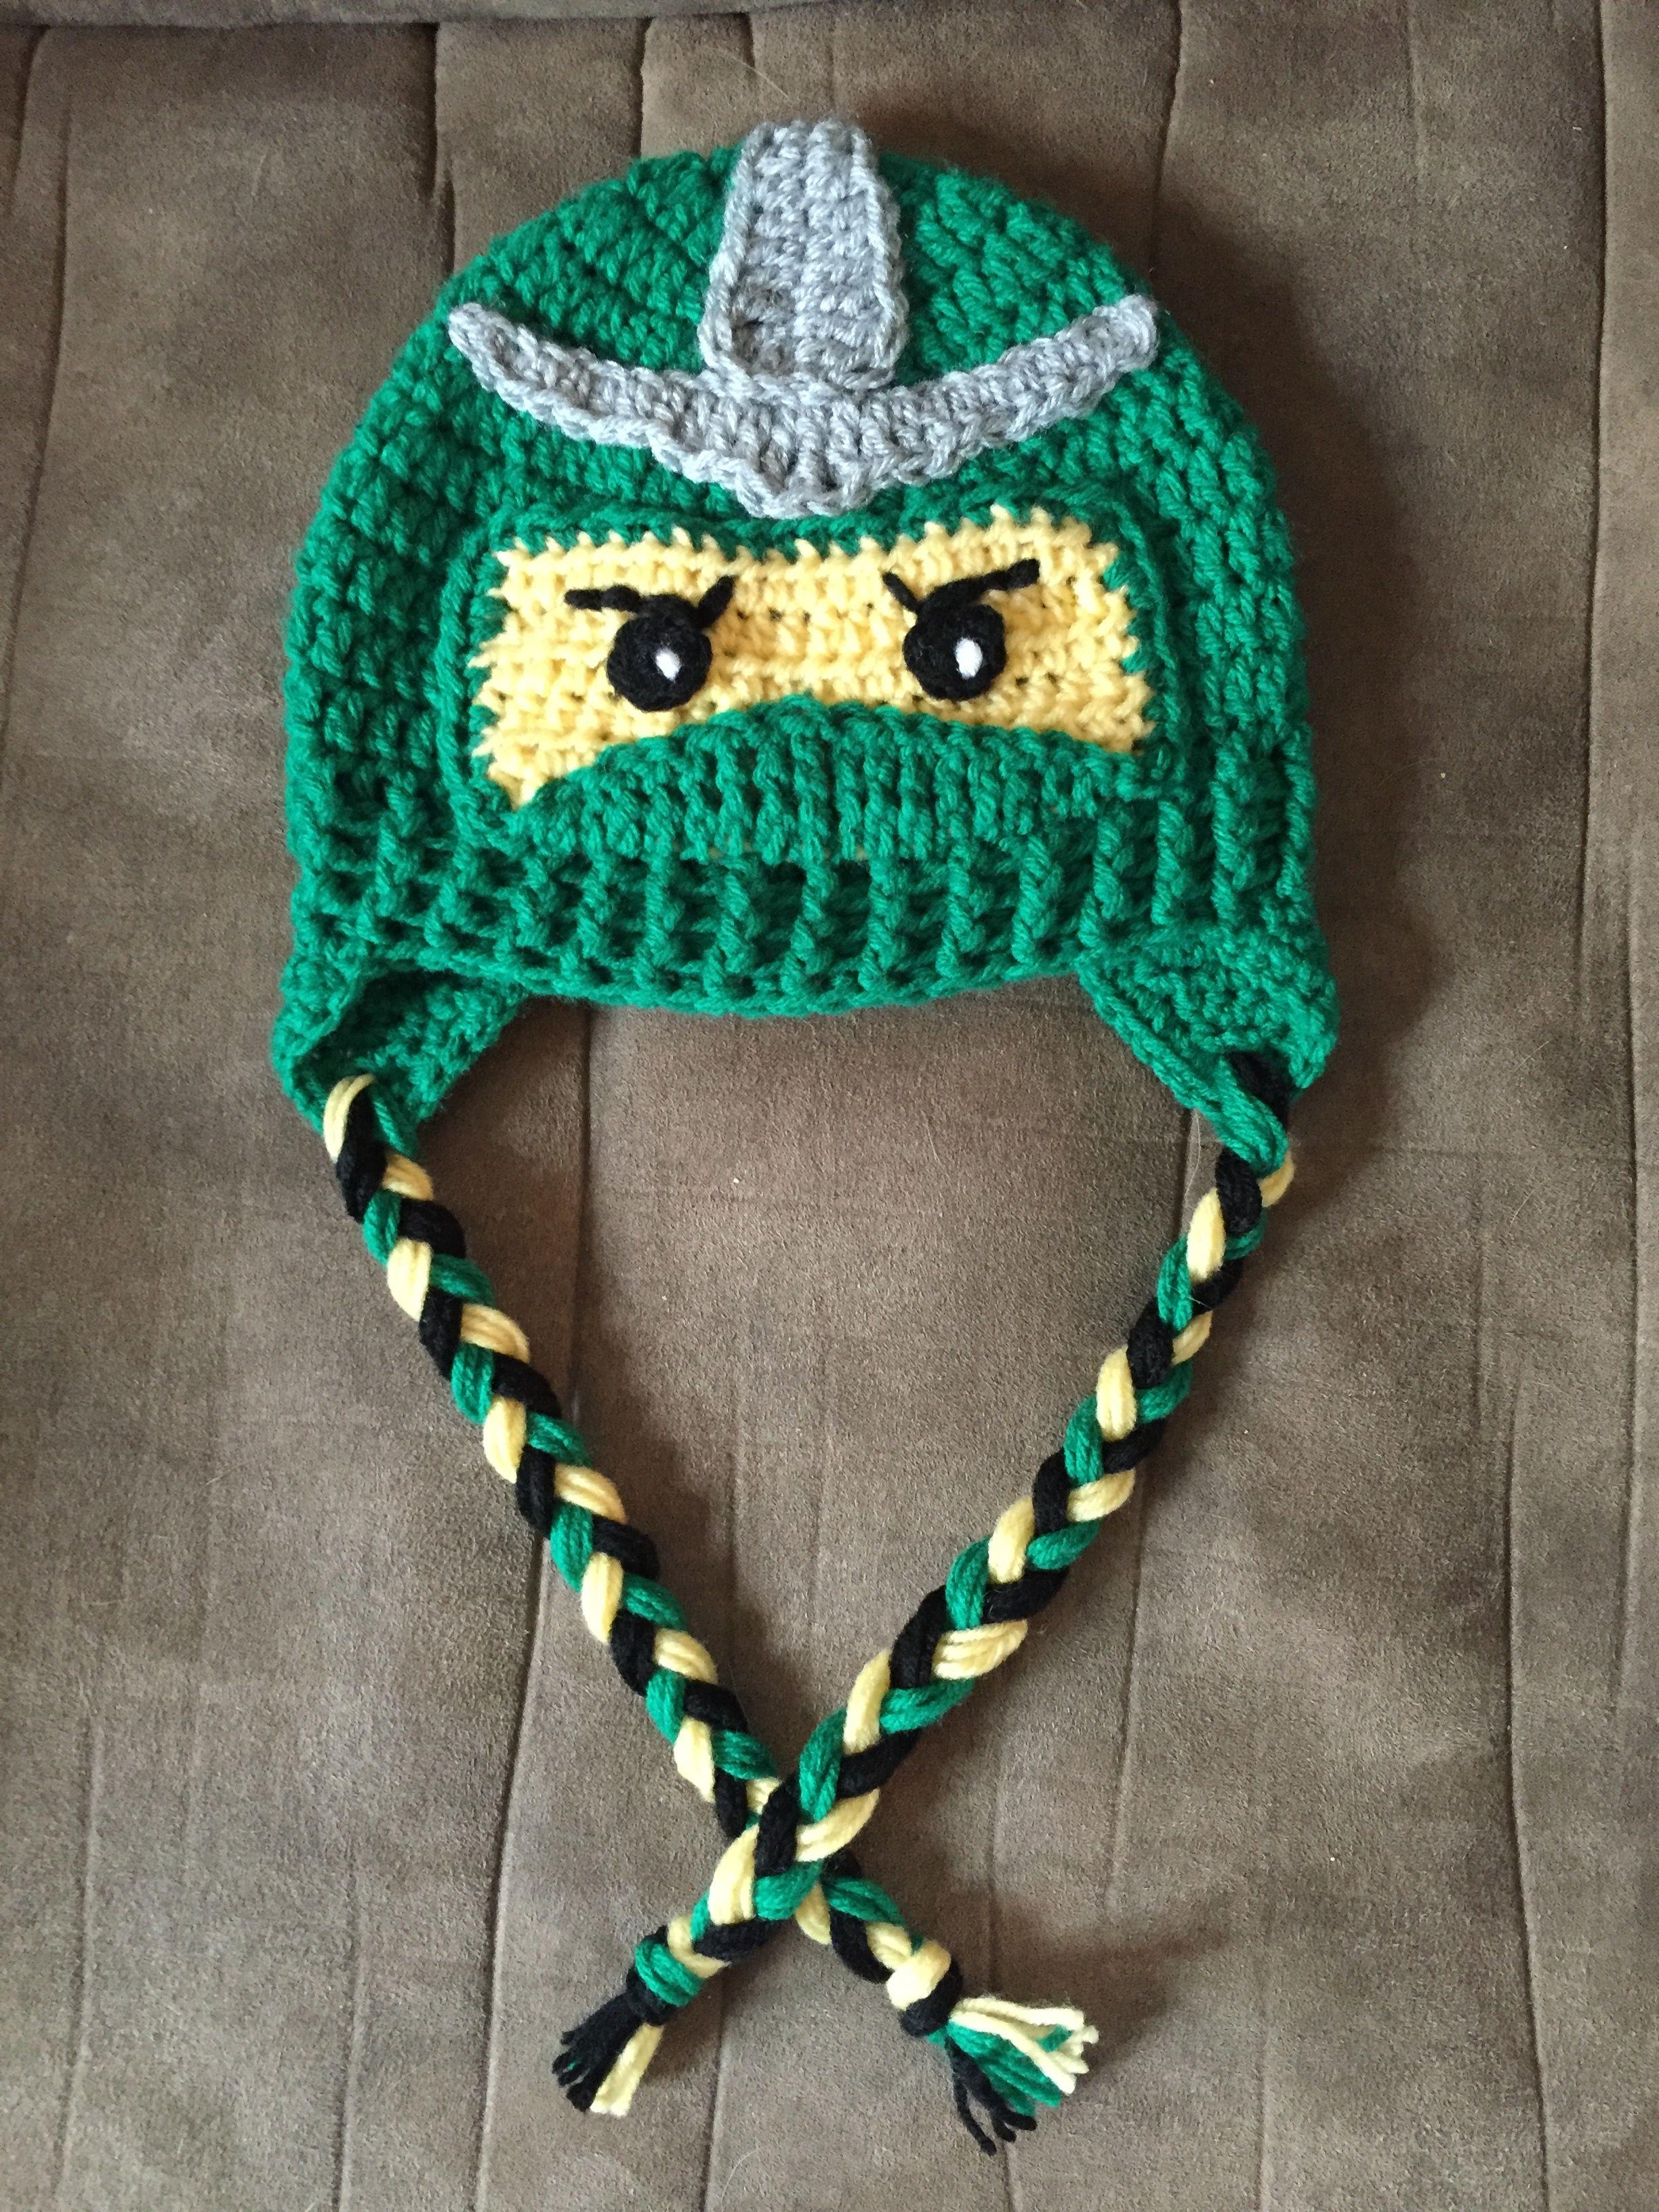 Lego Ninjago Inspired Crochet Hat More Häkeln Pinterest Häkeln